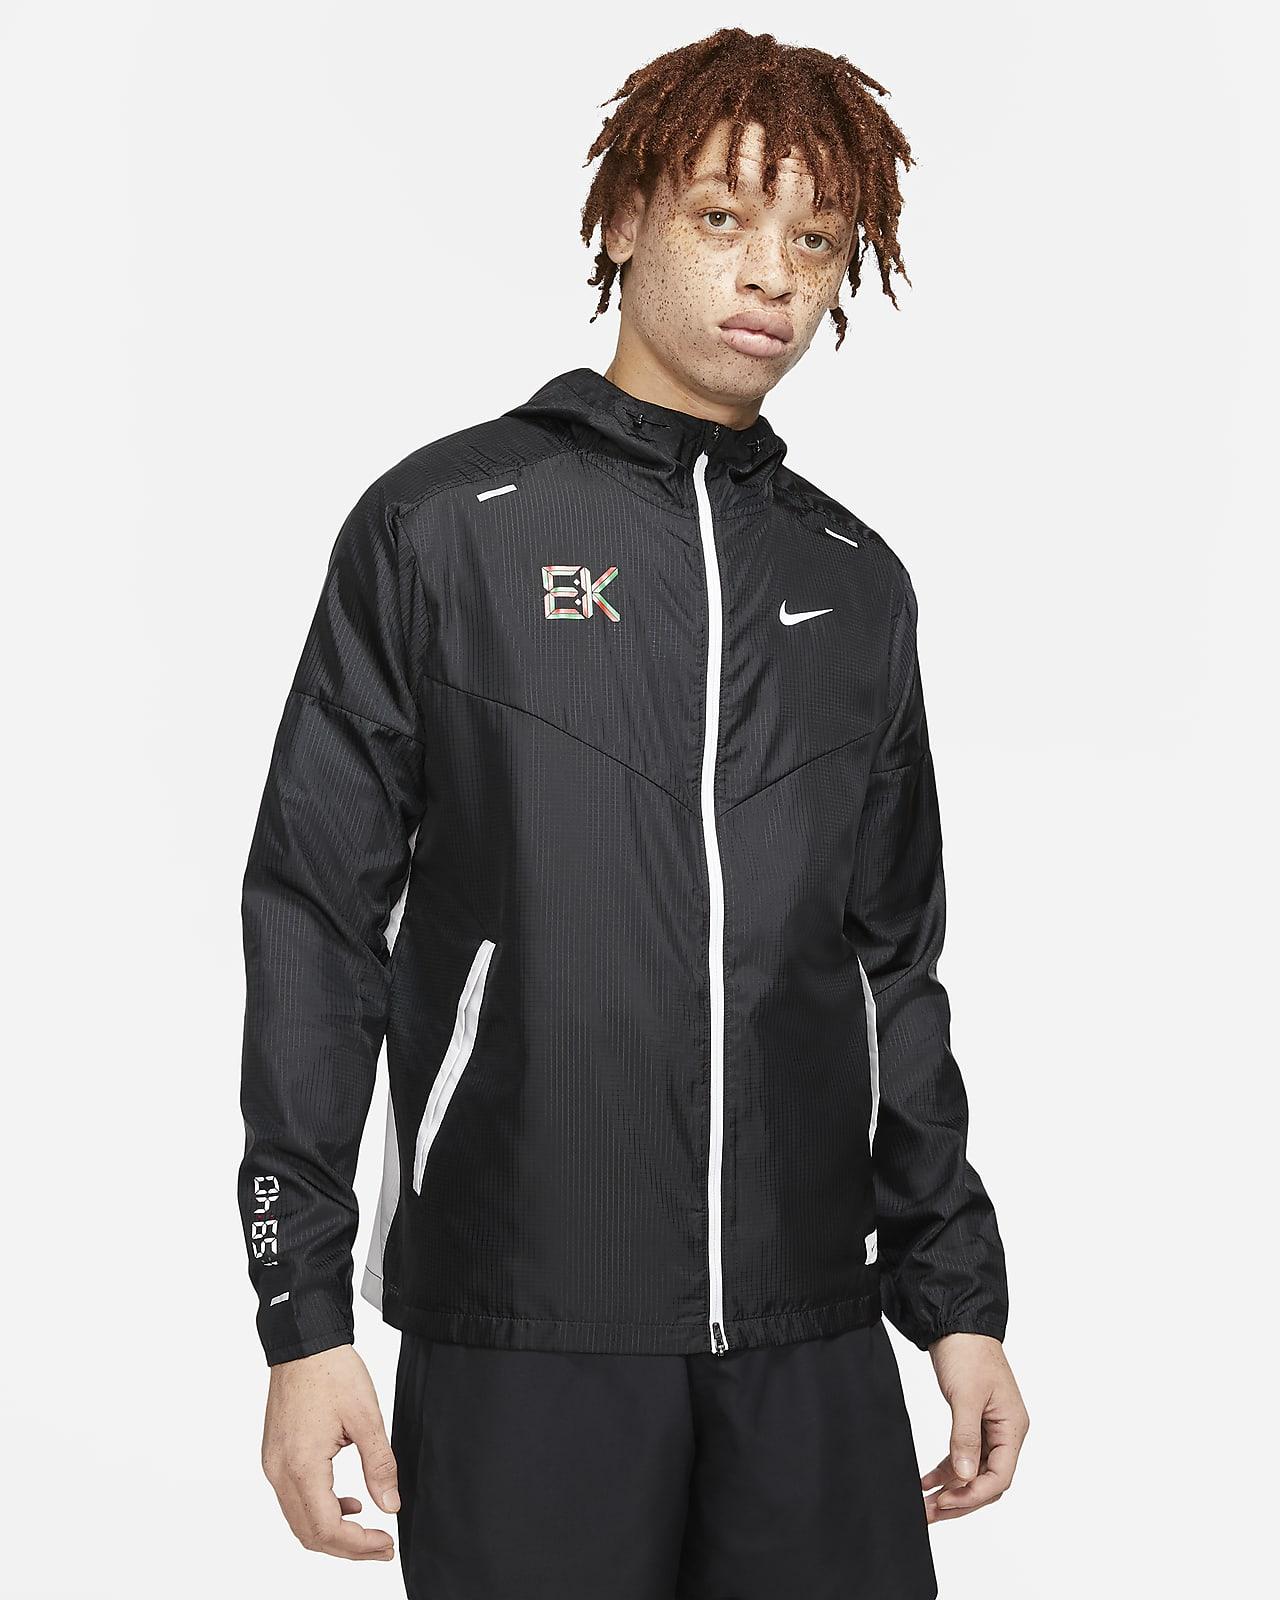 Nike Windrunner Eliud Kipchoge Men's Running Jacket